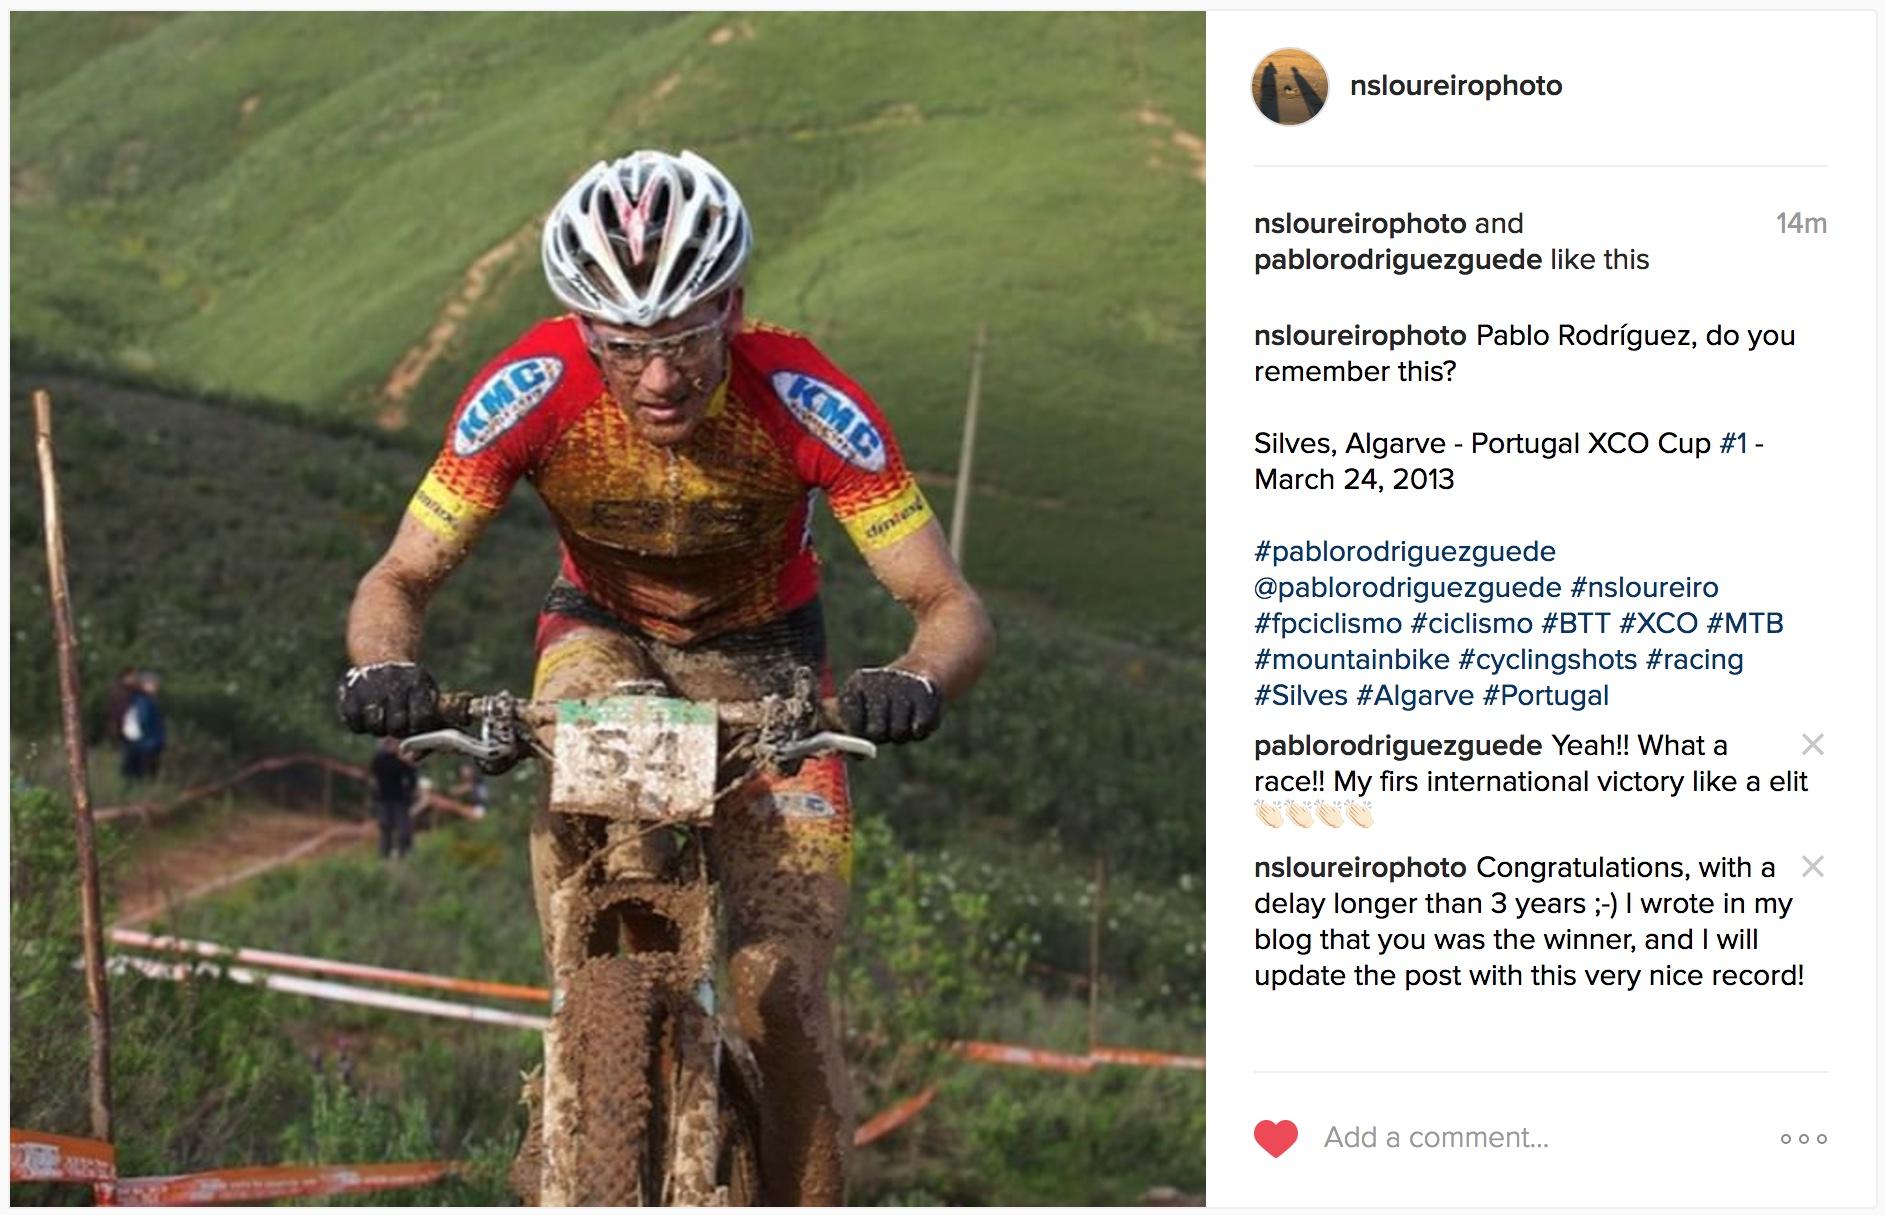 Pablo Rodríguez Instagram